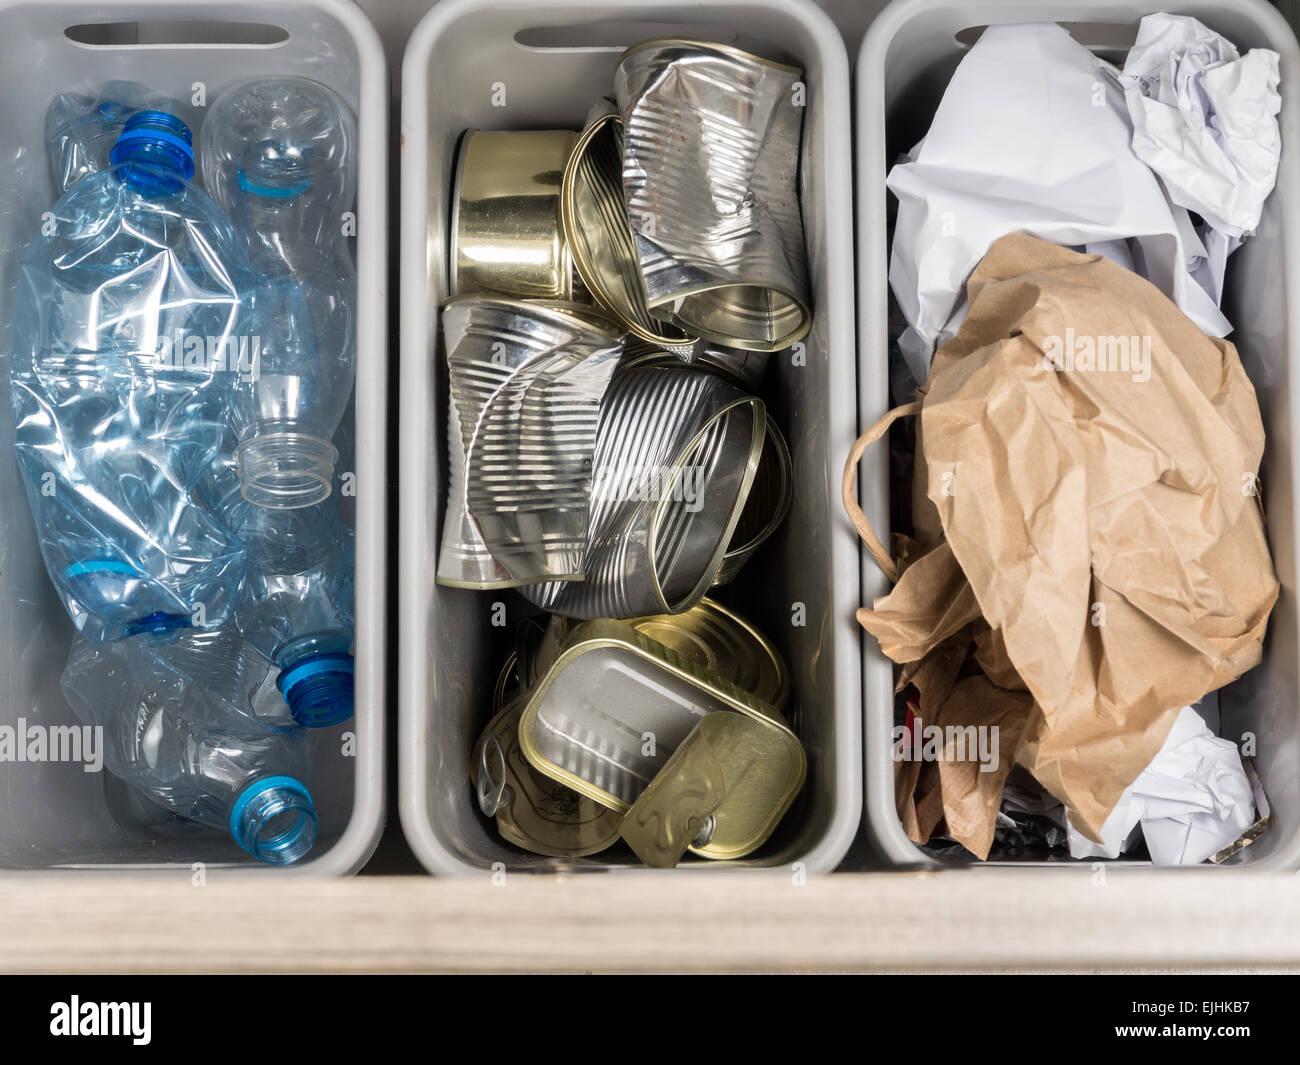 Drei Kunststoff Mülltonnen mit getrennten Hausmüll - PET-Flaschen, Papier und Metall Dosen von oben geschossen. Stockbild